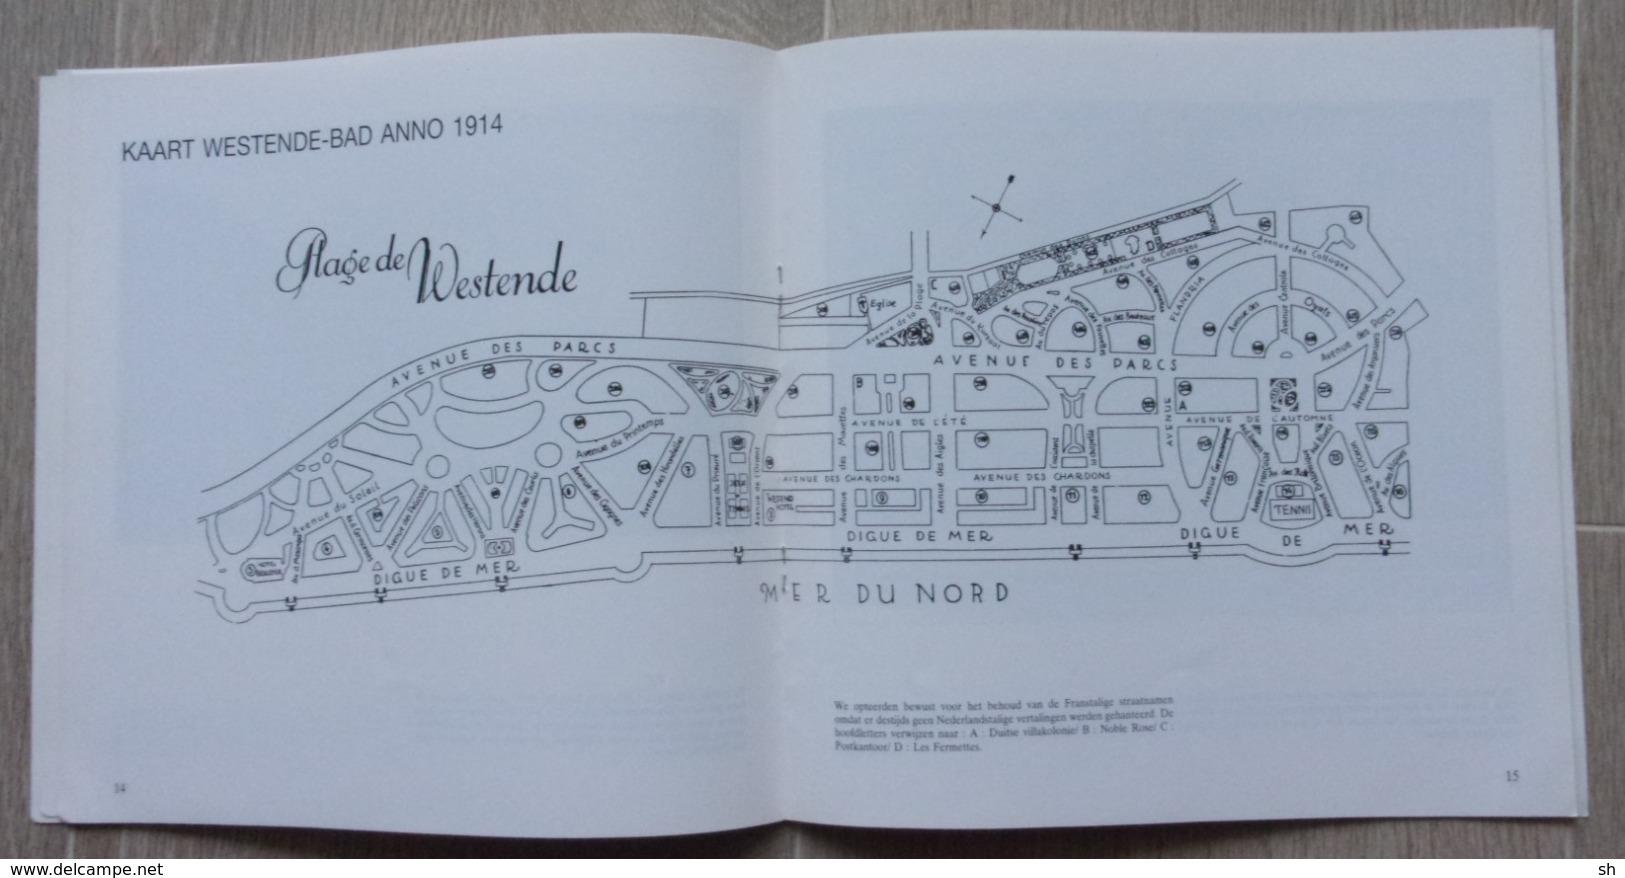 WESTENDE - MIDDELKERKE - De Zeedijk Van Westende Voor 1914 Belle époque - Marc Constandt - 1990 - Libros, Revistas, Cómics